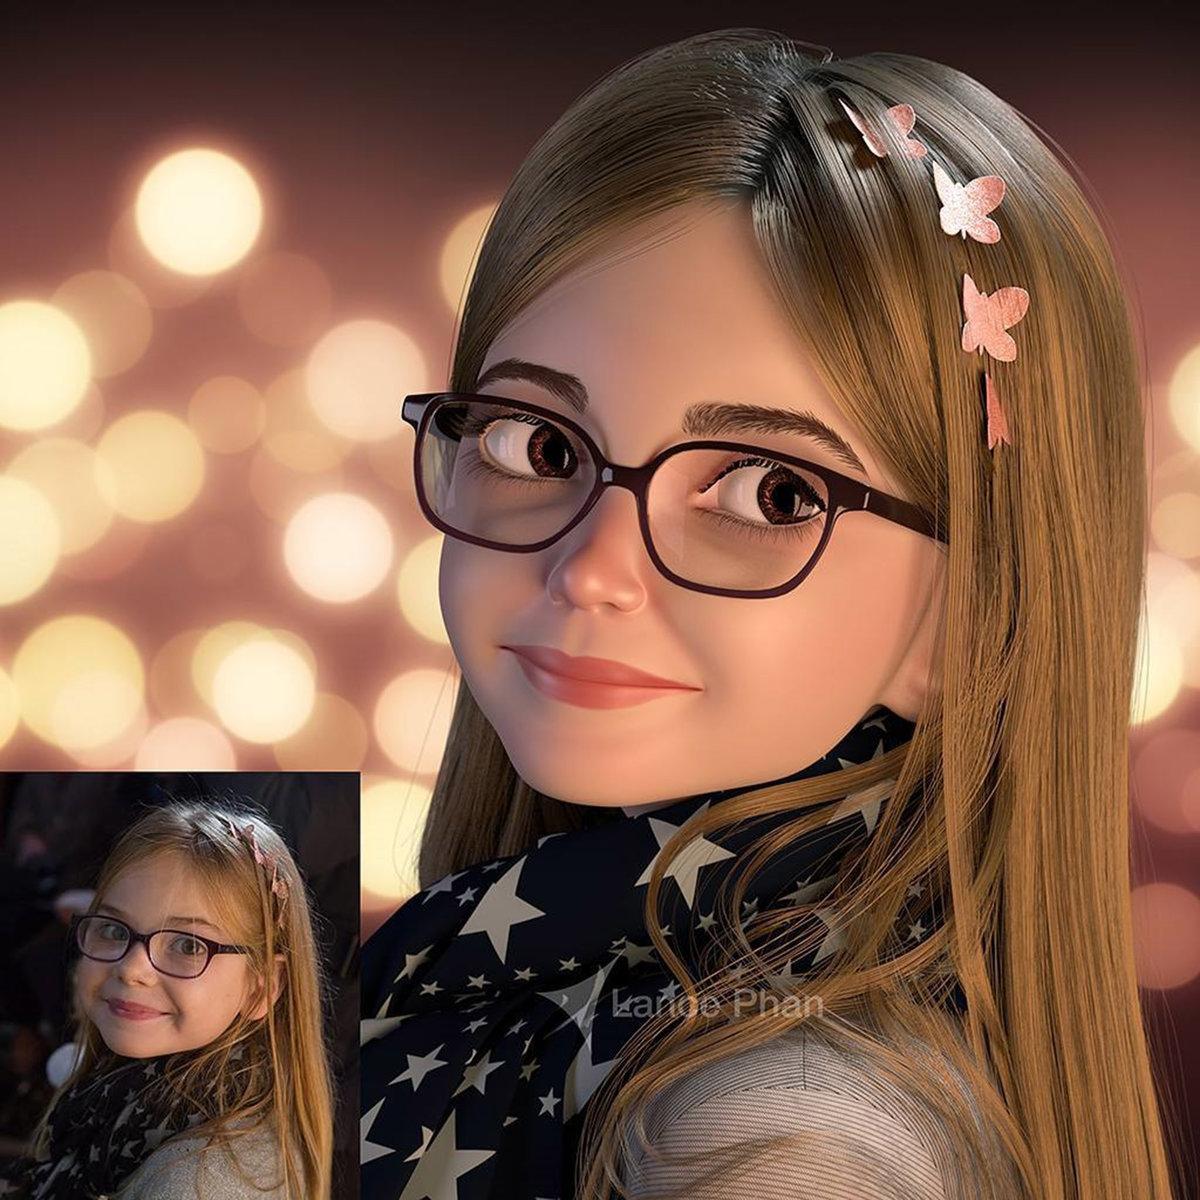 Как превратить фото в мультяшную картинку